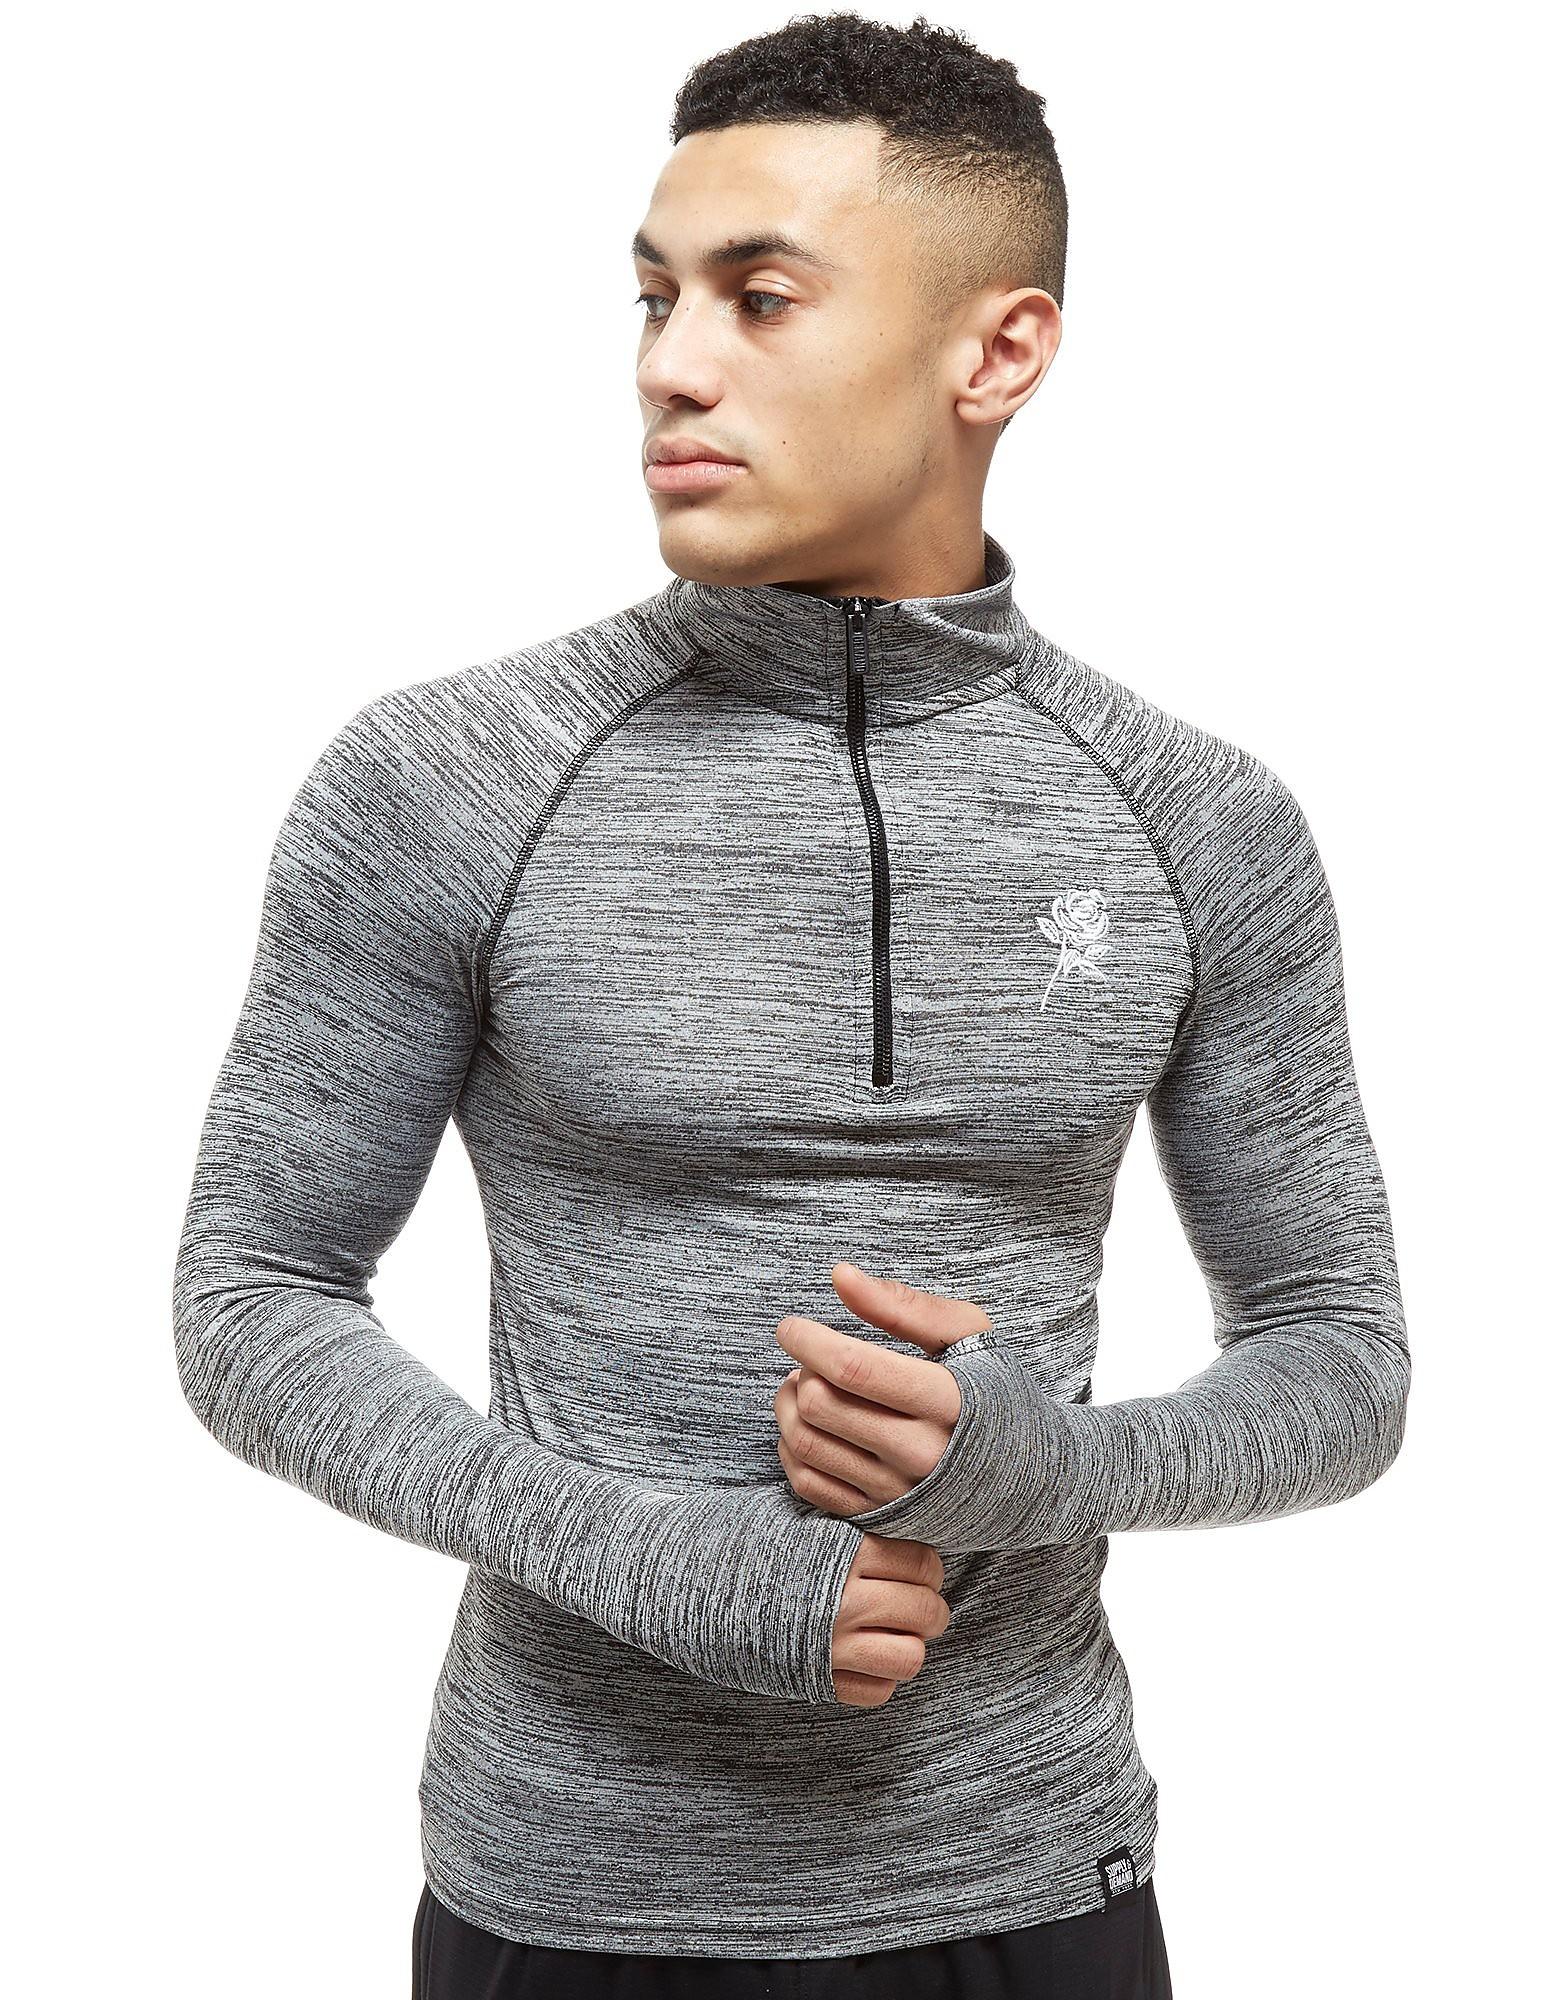 Supply & Demand Body Long Sleeve 1/4 Zip Top